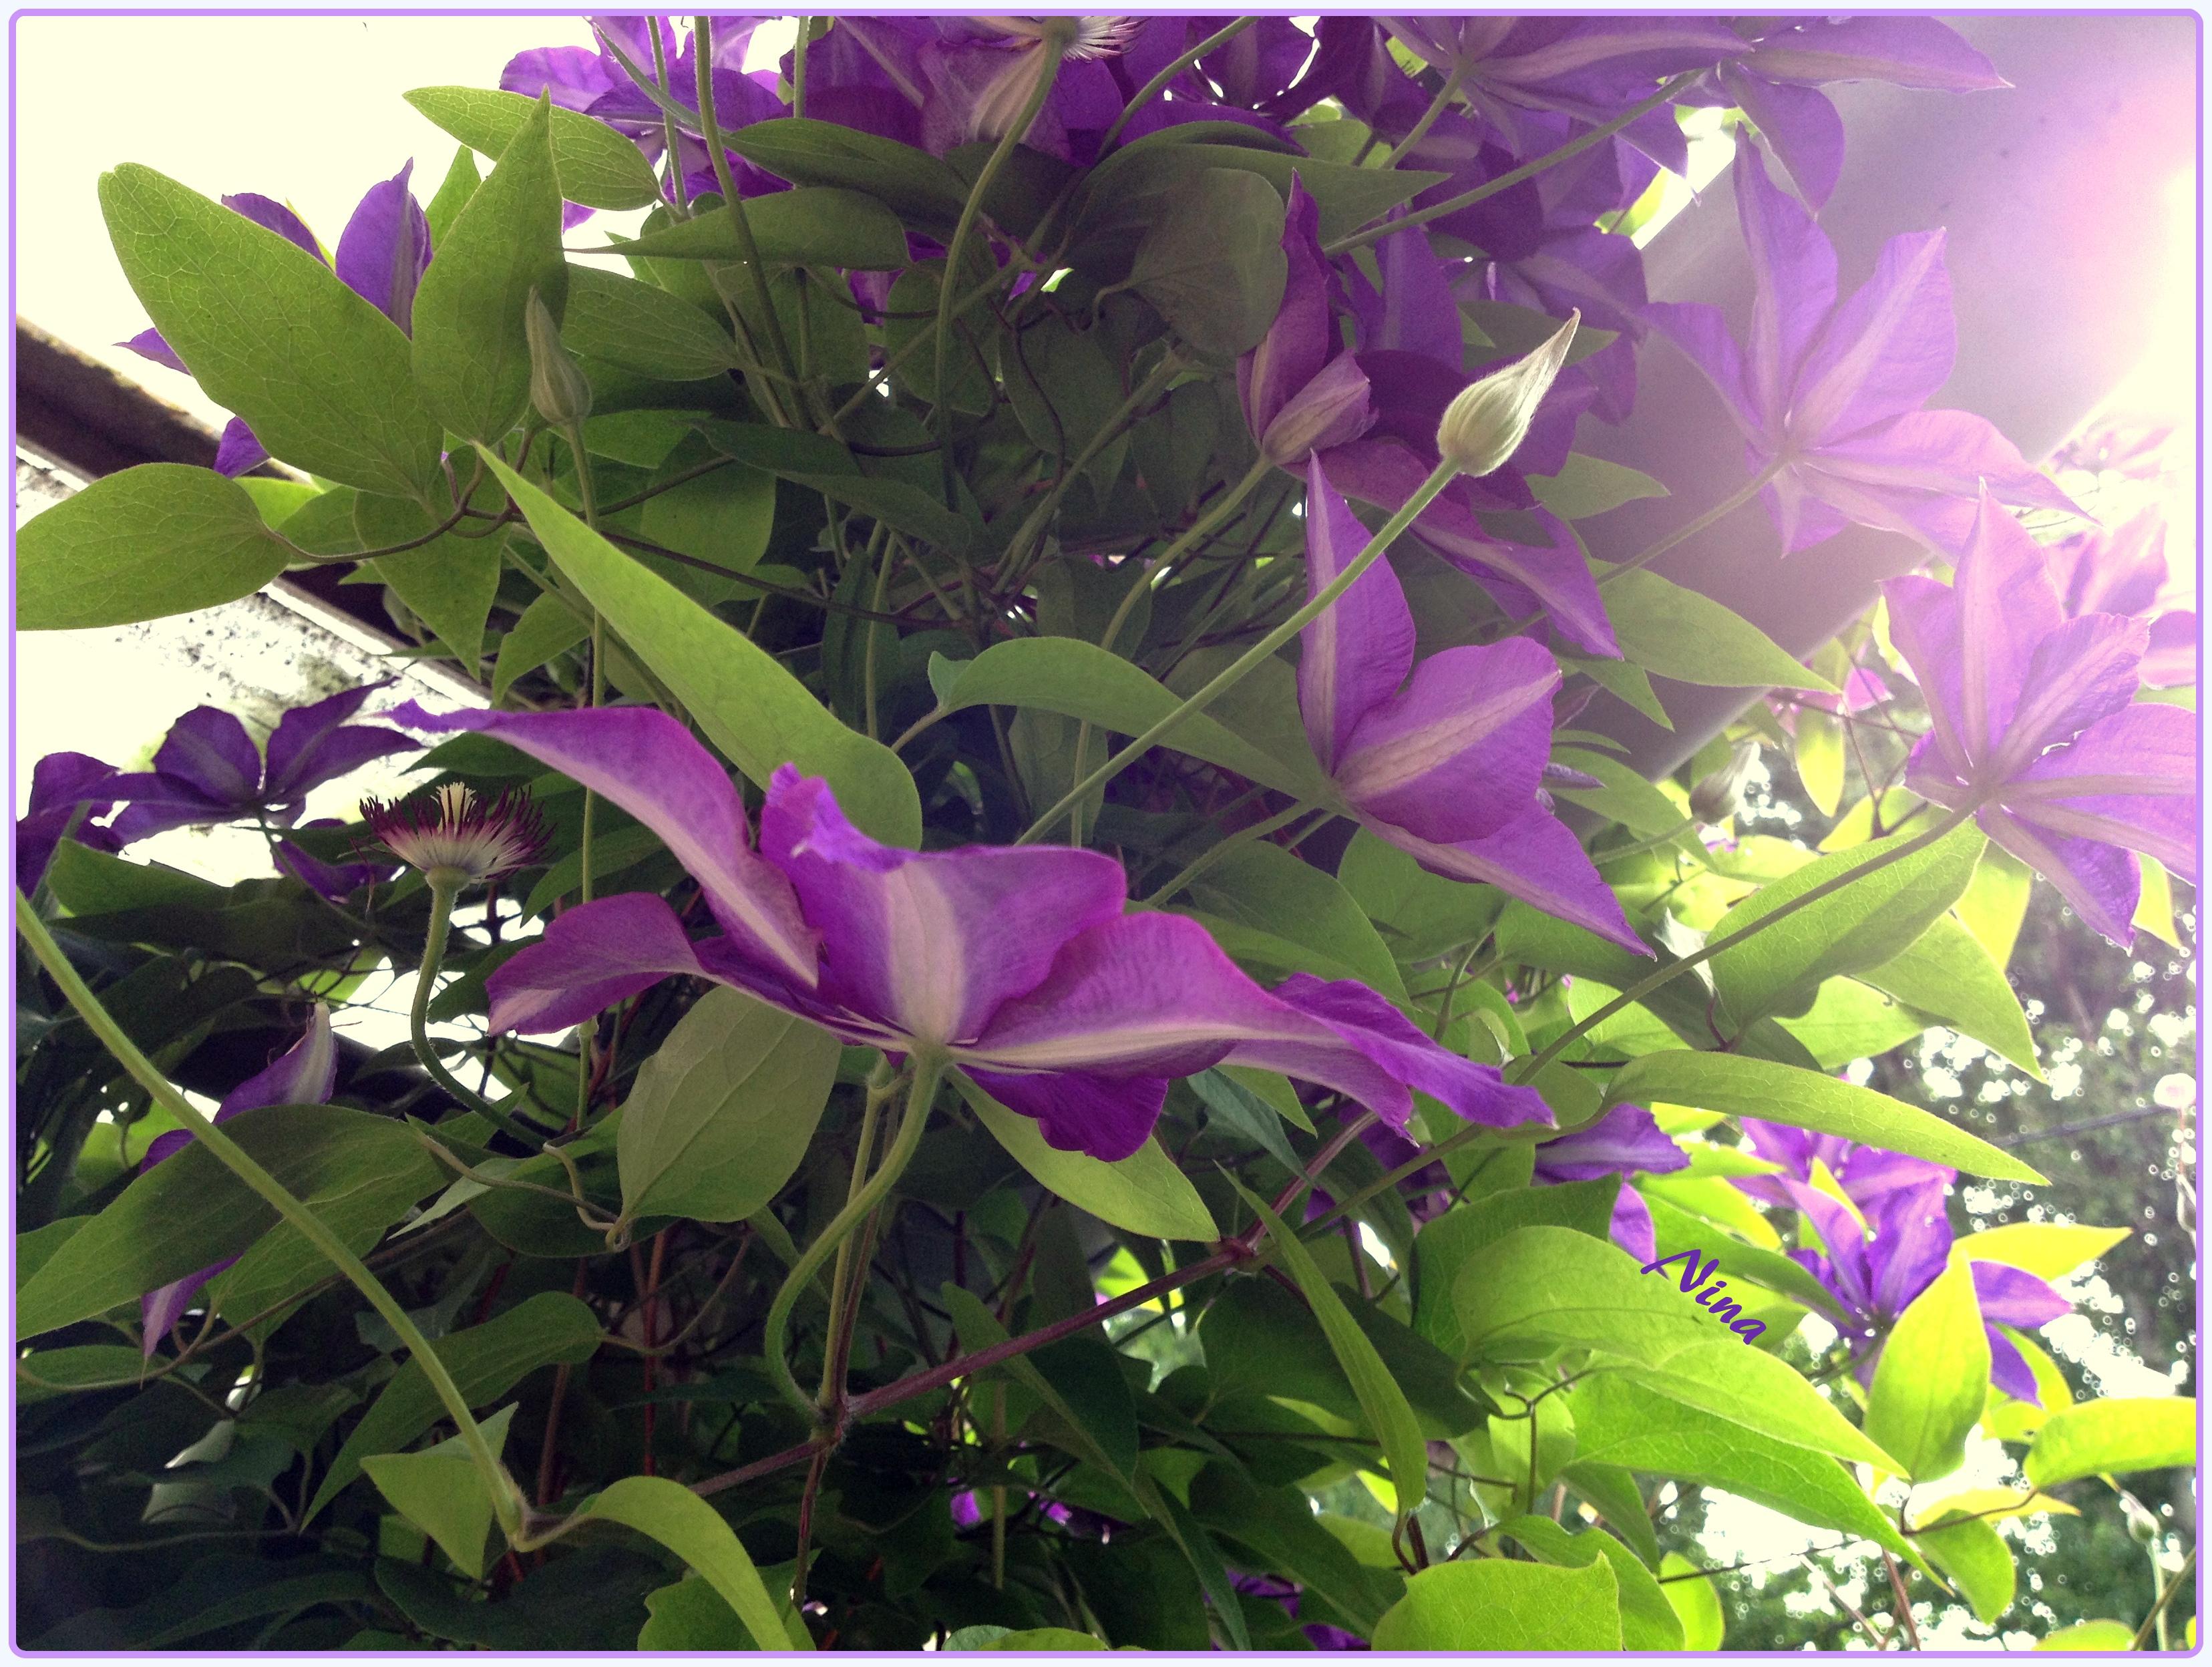 Purple sunlight, bild tagen av mig i somras i en ofattbart blomstrande trädgård på ett litet familjeägt pensionat i Tyskland. Jag tycke det här fotot förmedlar en lugn, varmt grön känsla av vår.